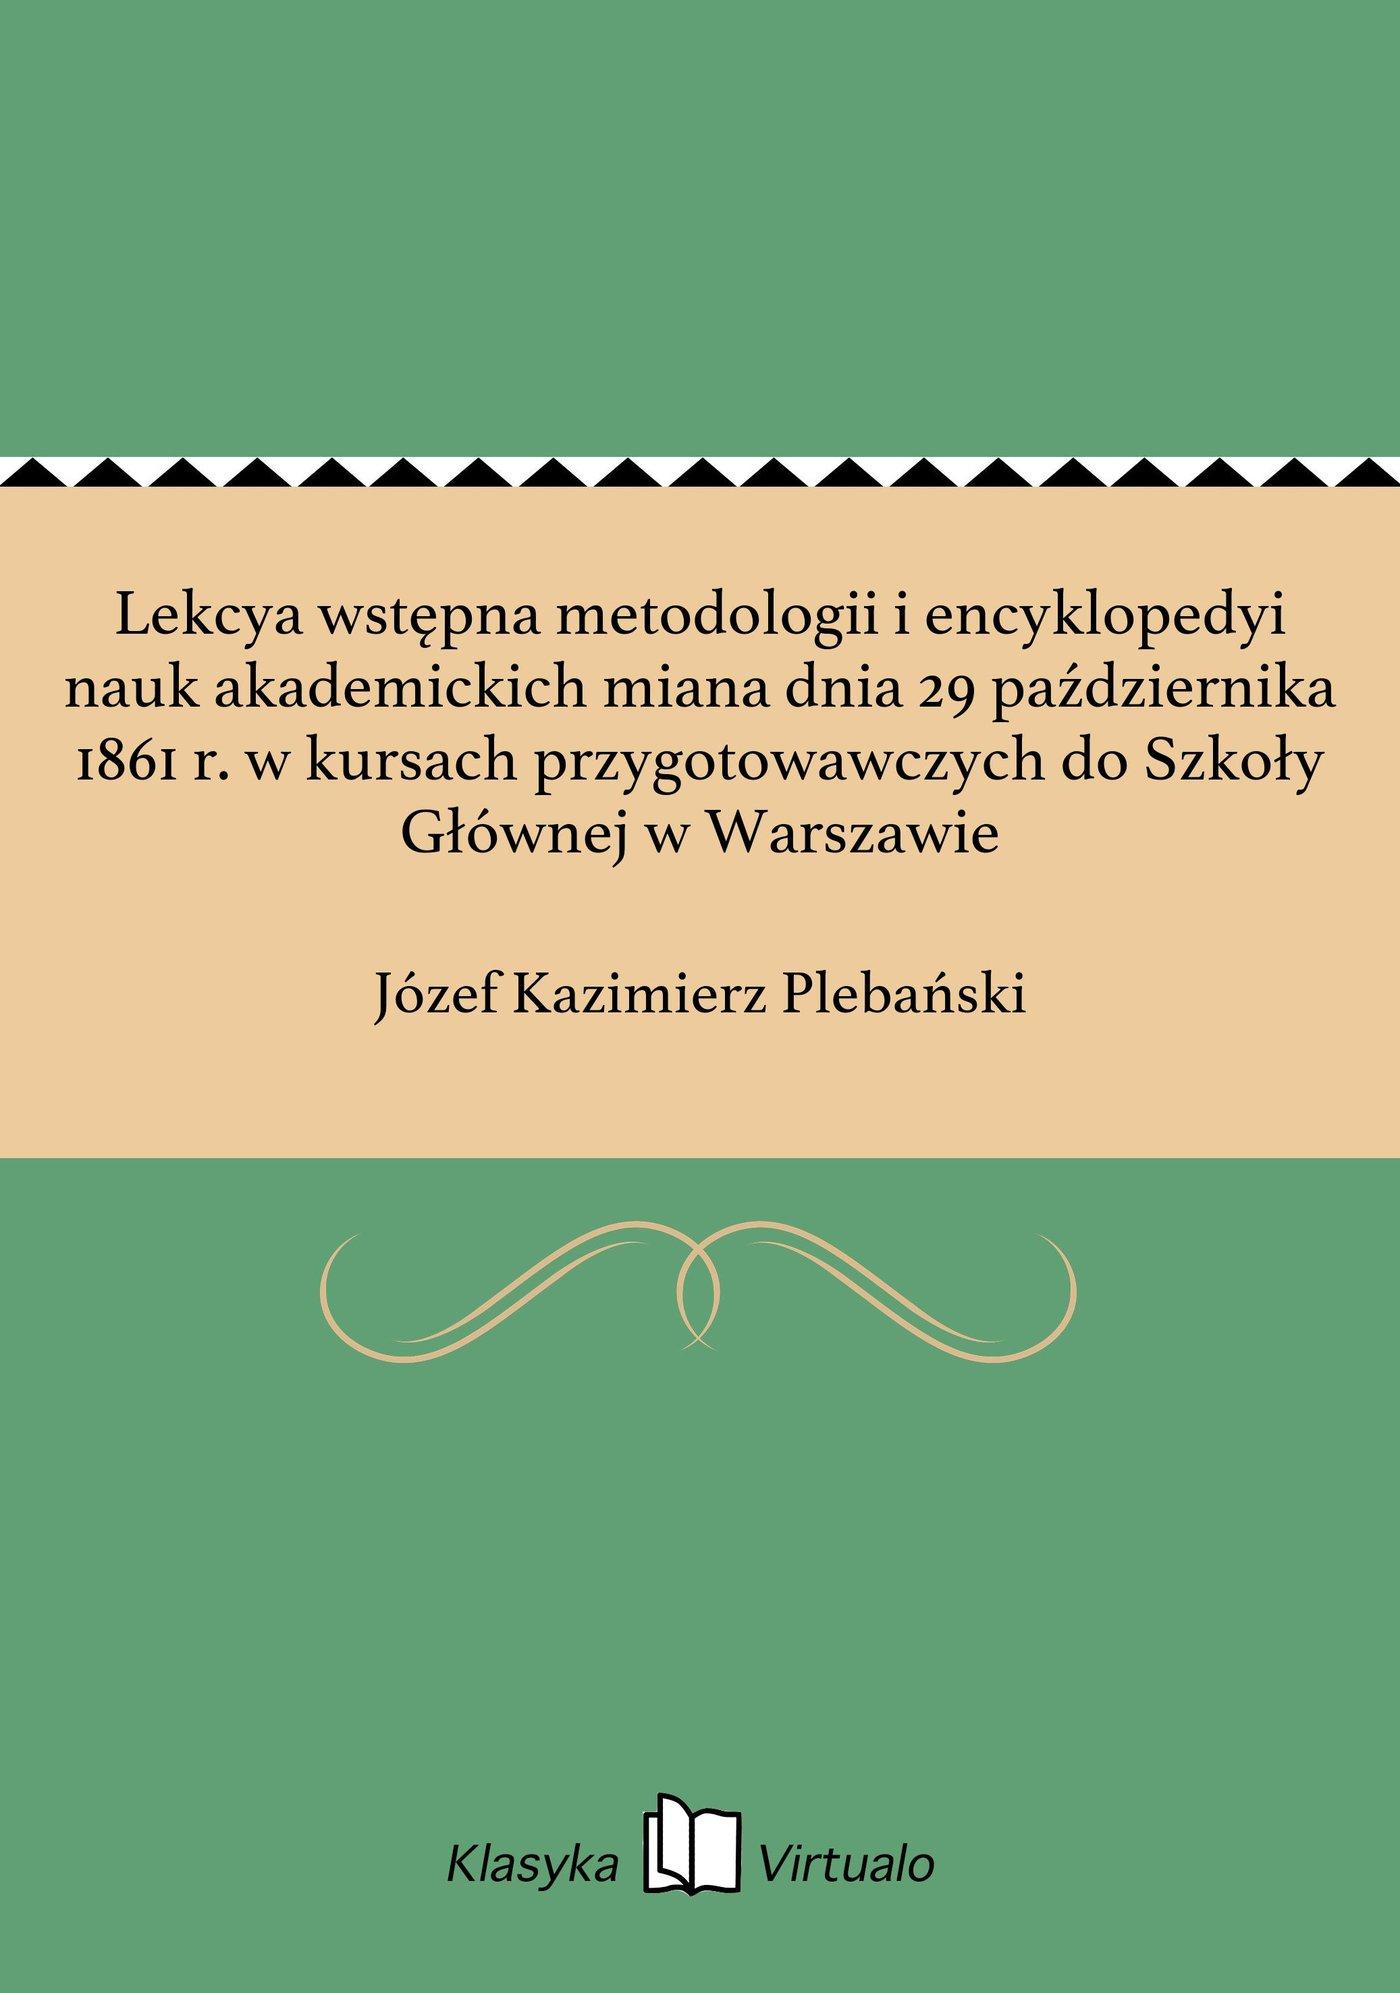 Lekcya wstępna metodologii i encyklopedyi nauk akademickich miana dnia 29 października 1861 r. w kursach przygotowawczych do Szkoły Głównej w Warszawie - Ebook (Książka EPUB) do pobrania w formacie EPUB